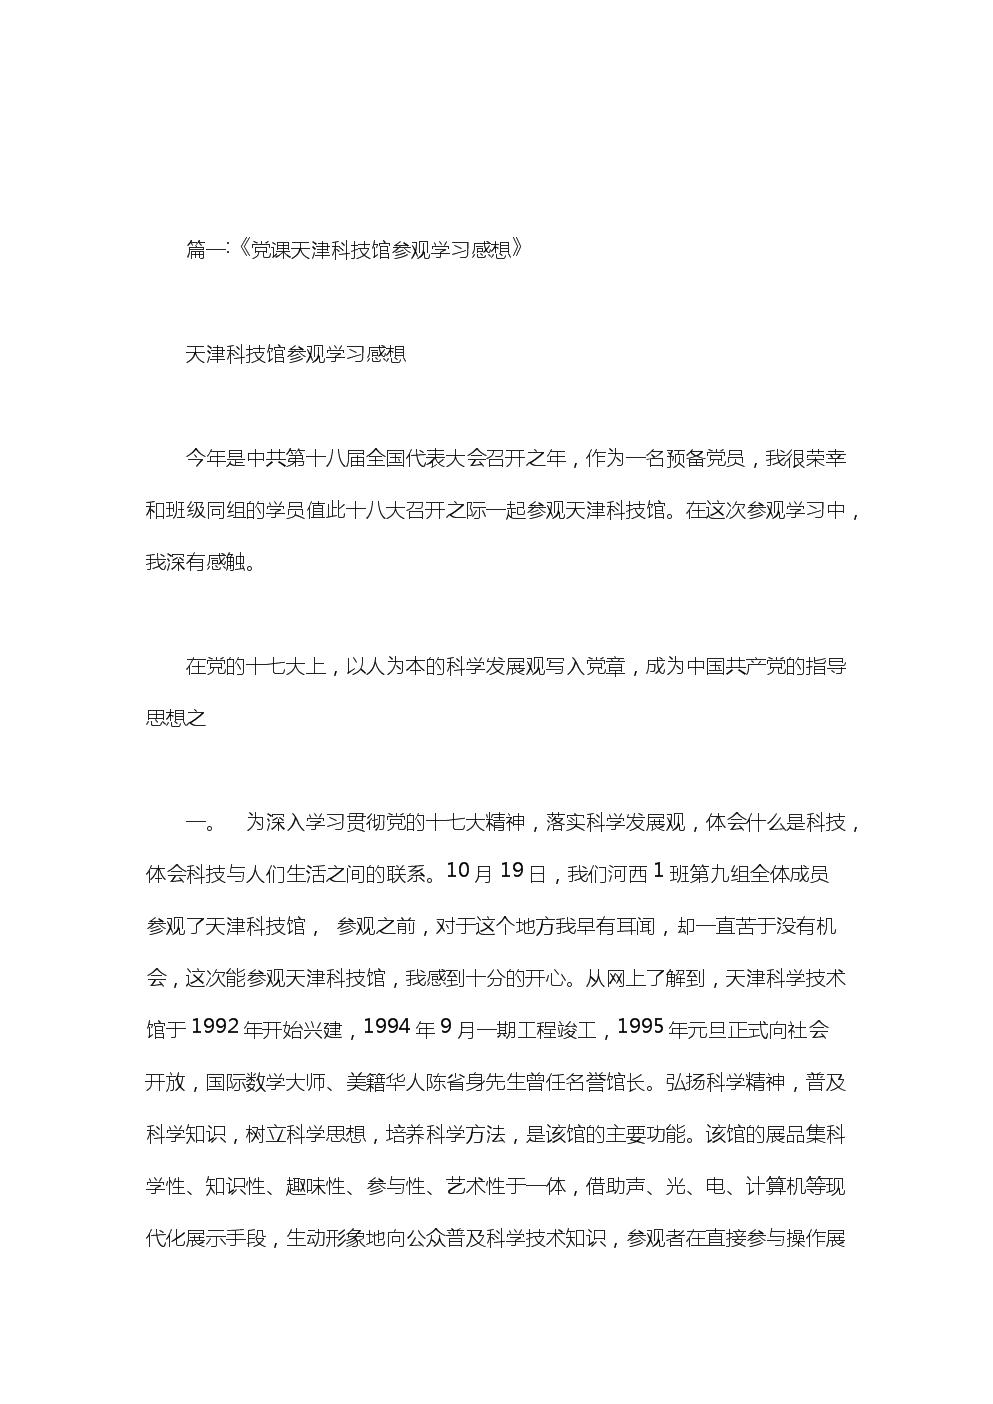 參觀天津科技館收獲范文.doc